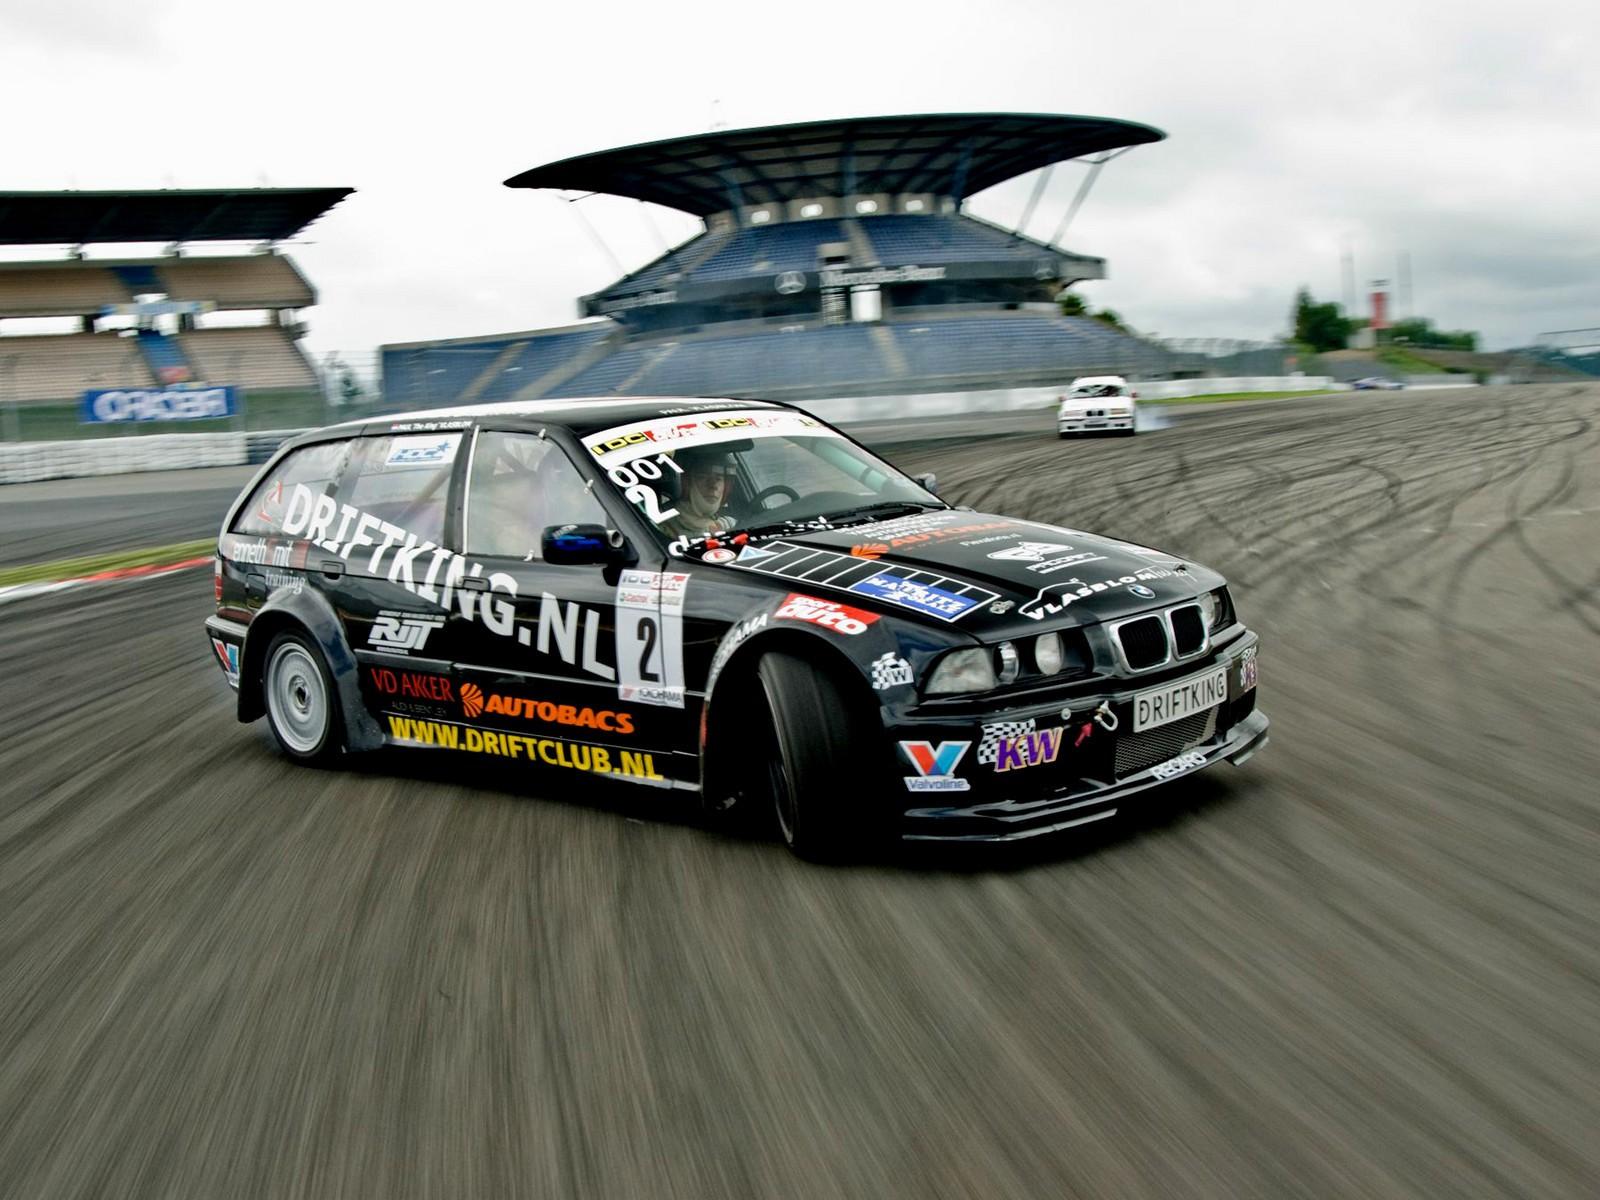 Drift King BMW Wallpapers Drift King BMW Myspace Backgrounds Drift 1600x1200